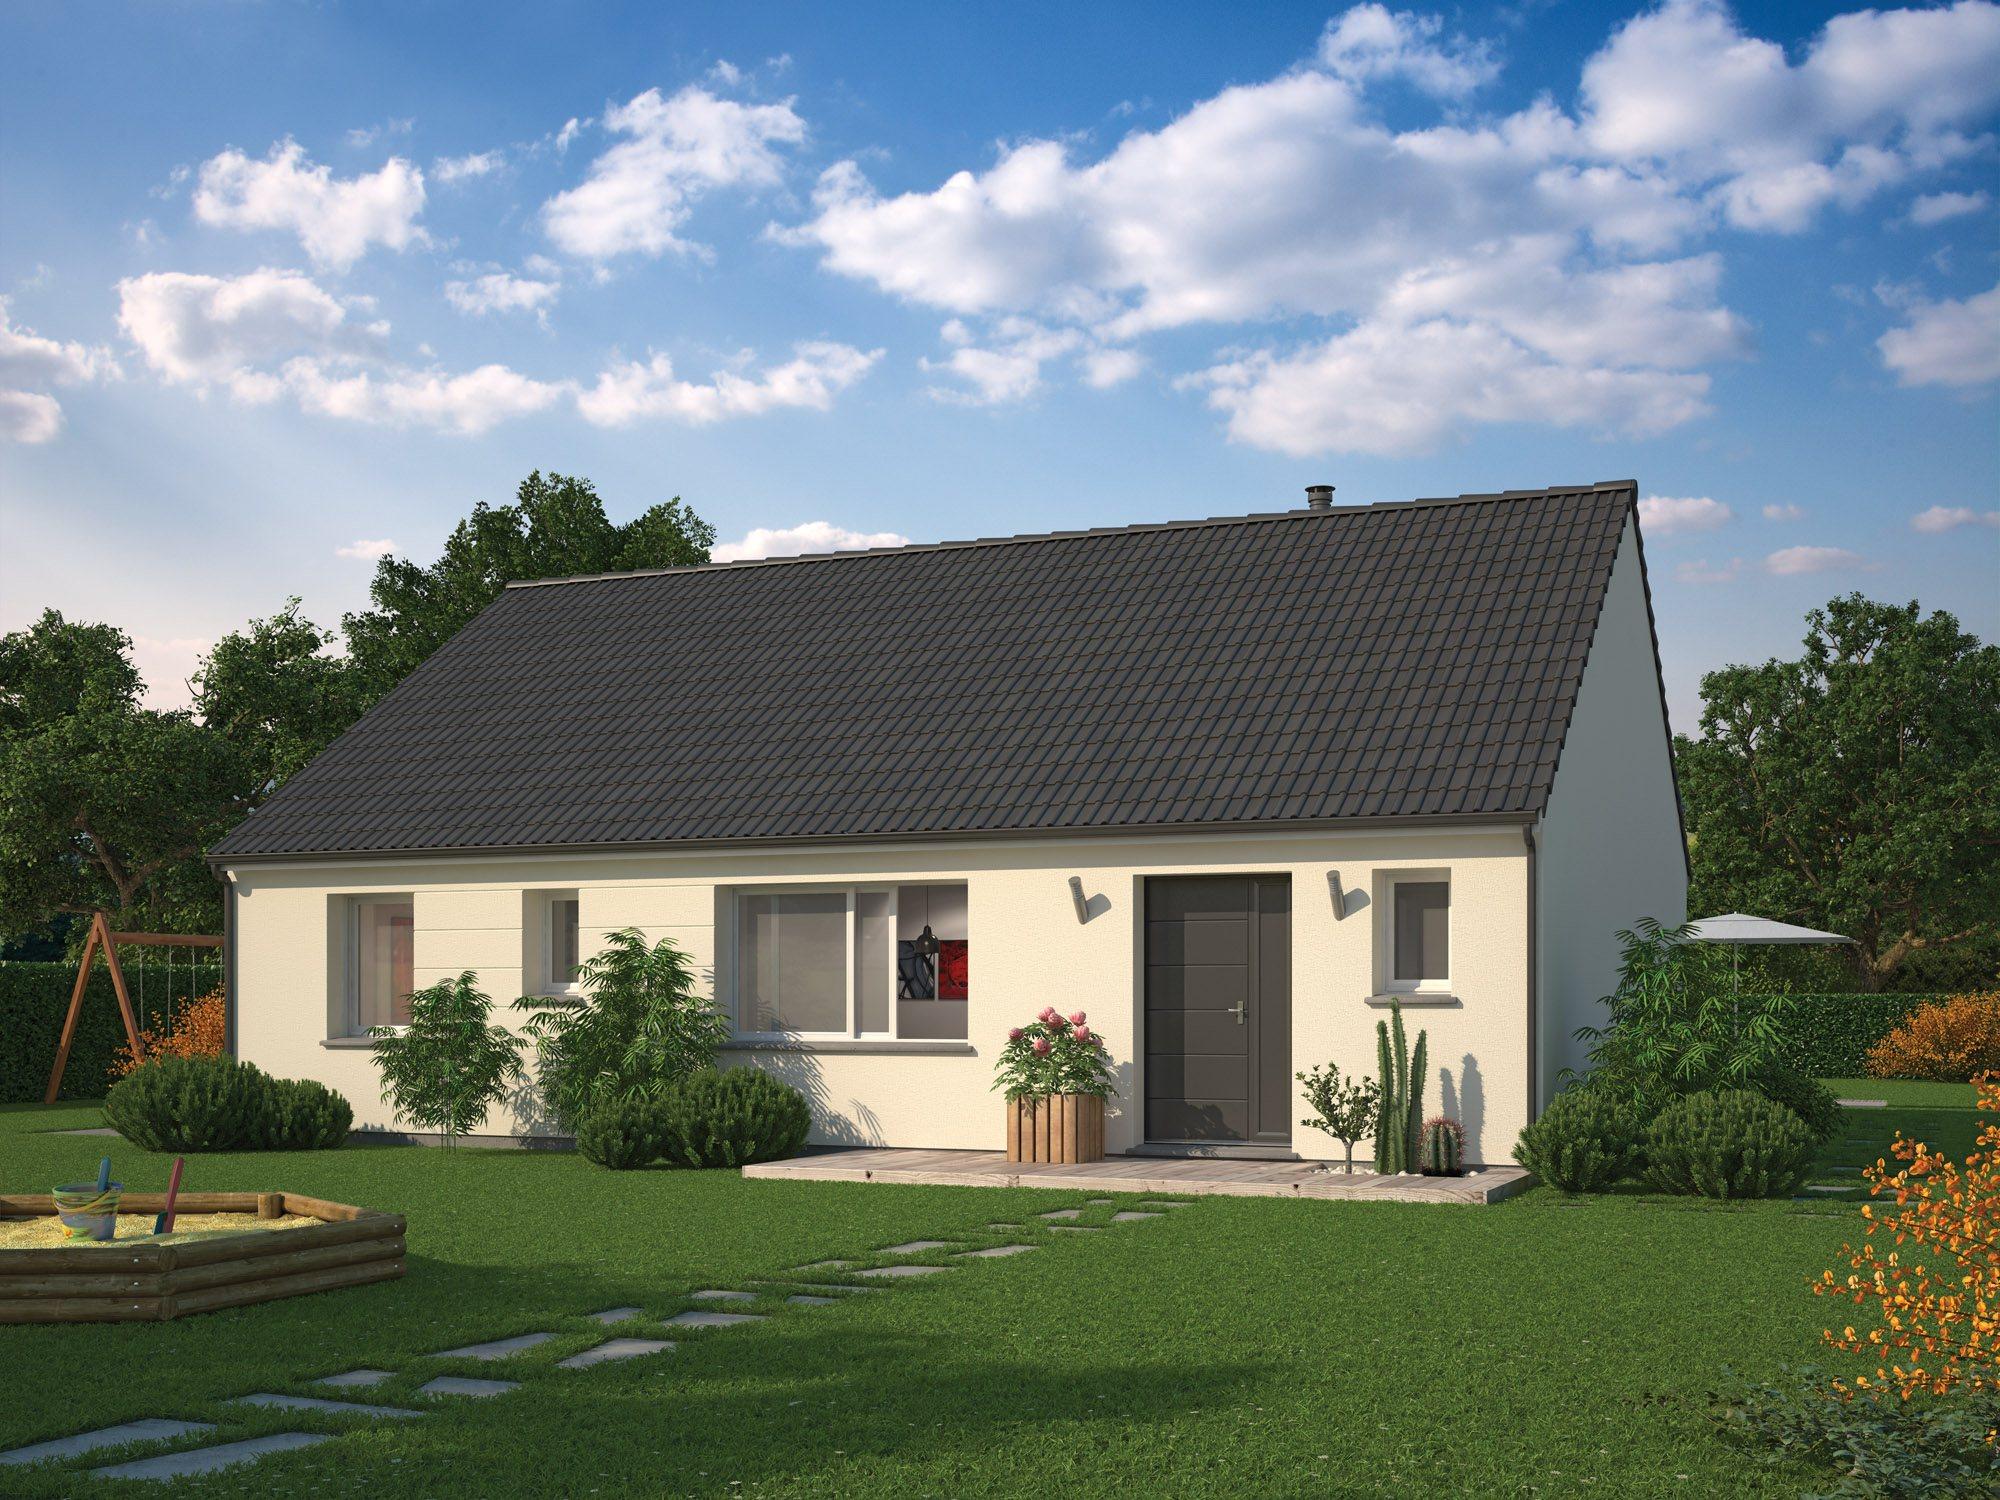 Maisons + Terrains du constructeur MAISON FAMILIALE COIGNIERES • 97 m² • COIGNIERES